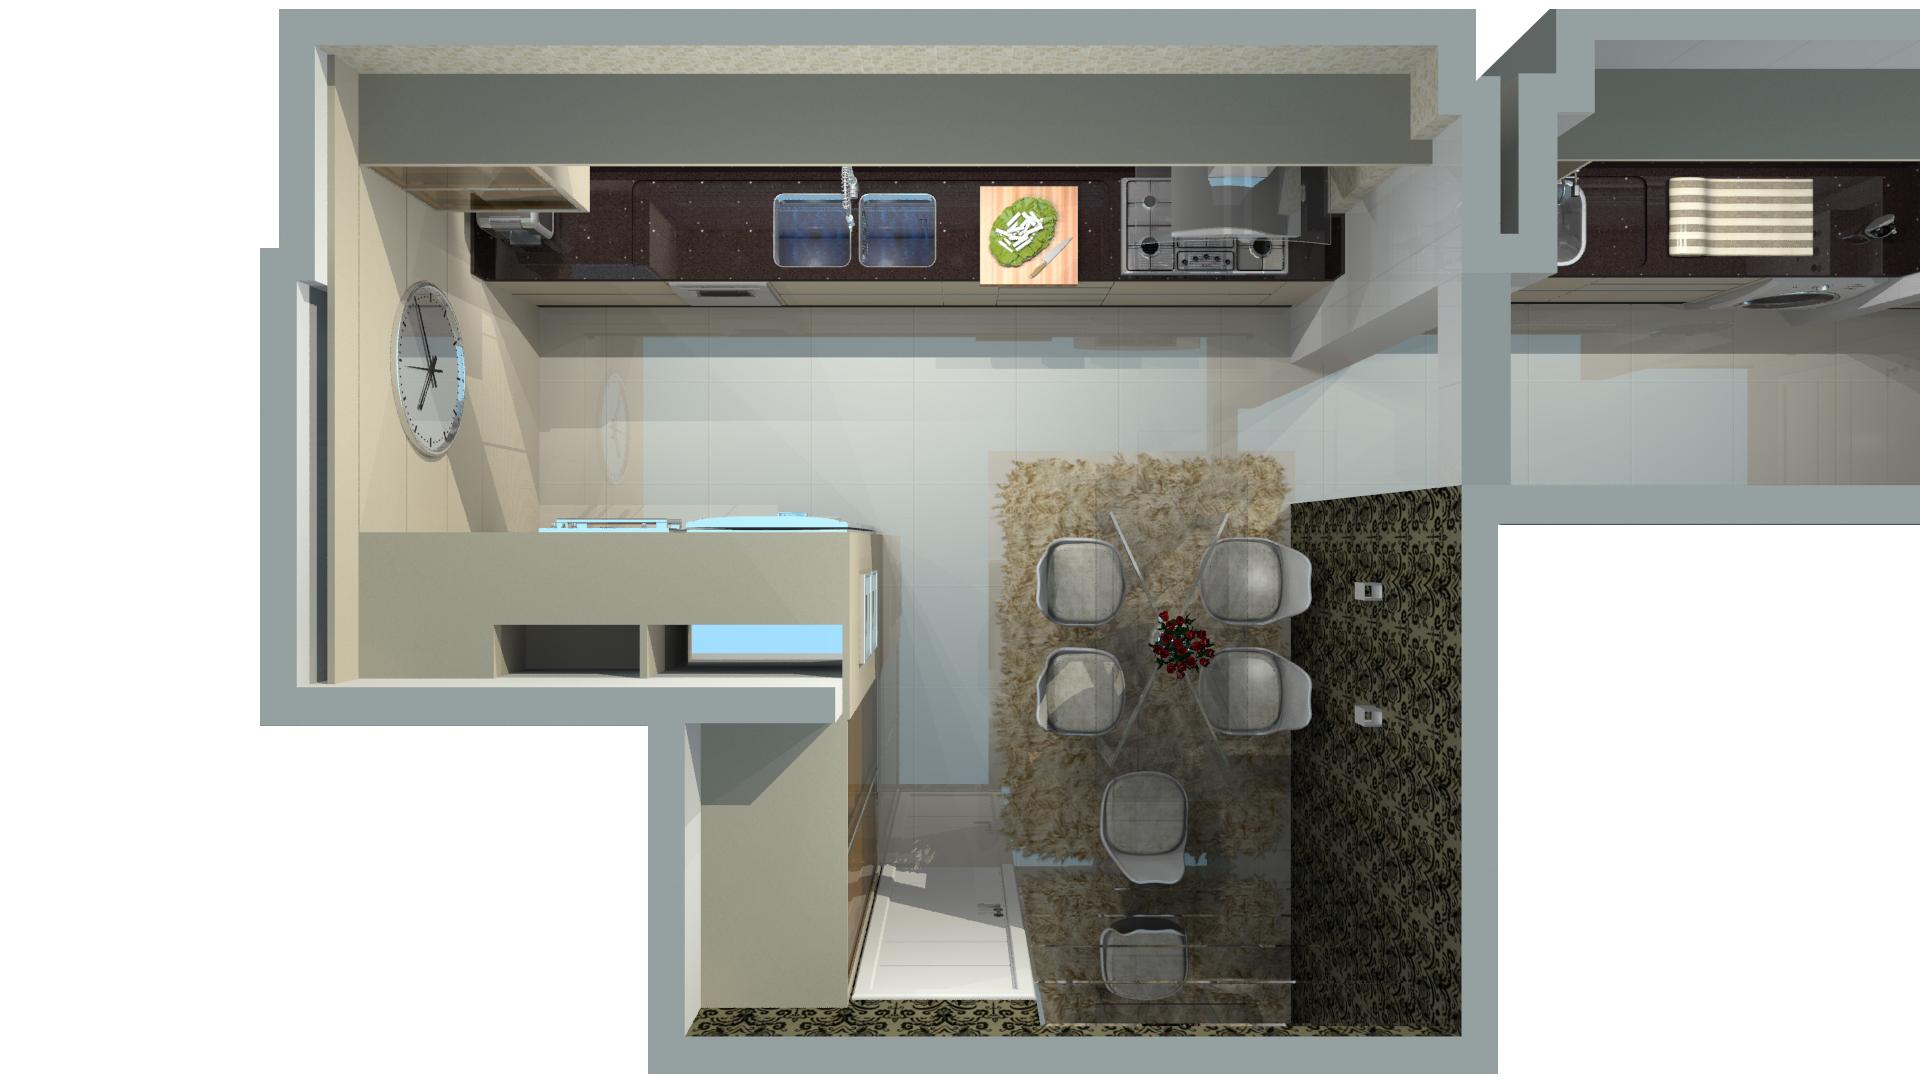 Cozinha 02 - 05